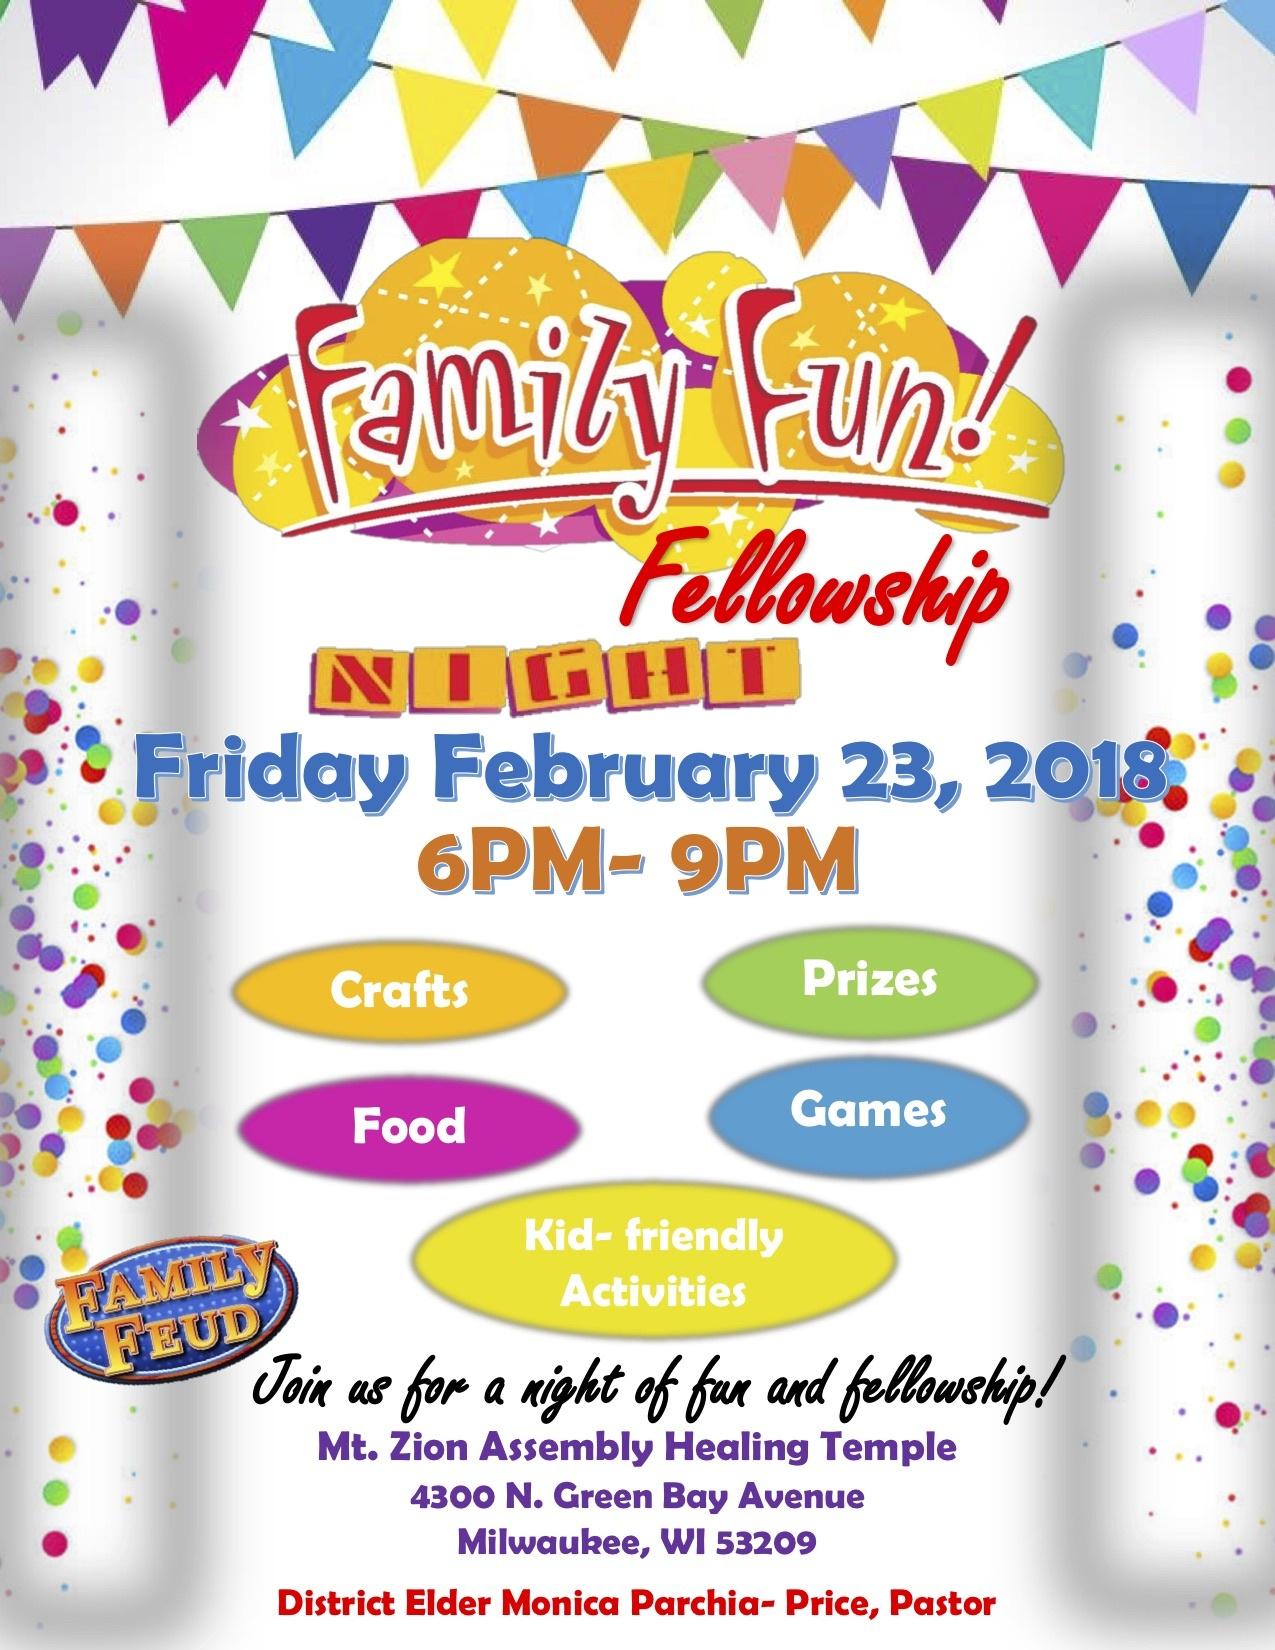 https://0201.nccdn.net/1_2/000/000/157/5d7/family-fun-fellowship-1275x1650.jpg